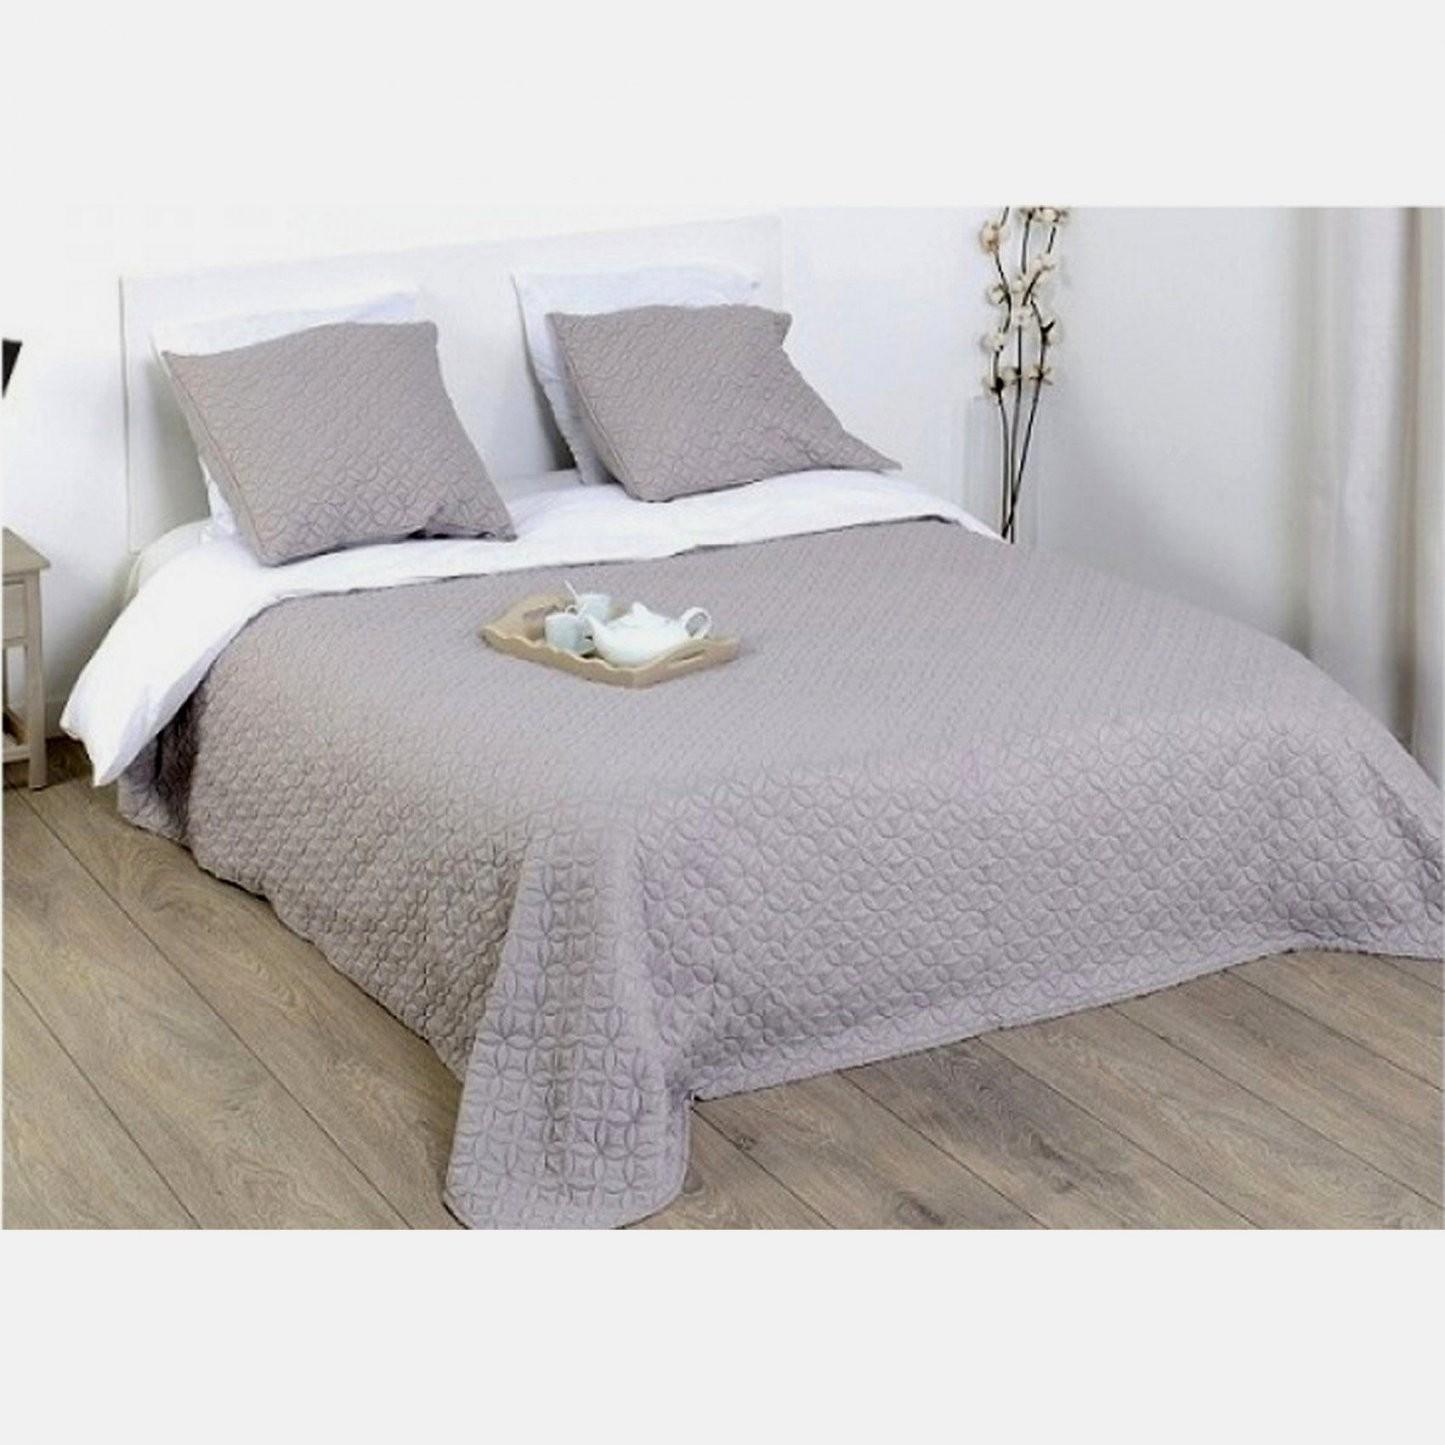 Bett Tagesdecken Haus Renovieren Von Tagesdecke Für Bett 180X200 von Tagesdecke Für Bett 180X200 Bild